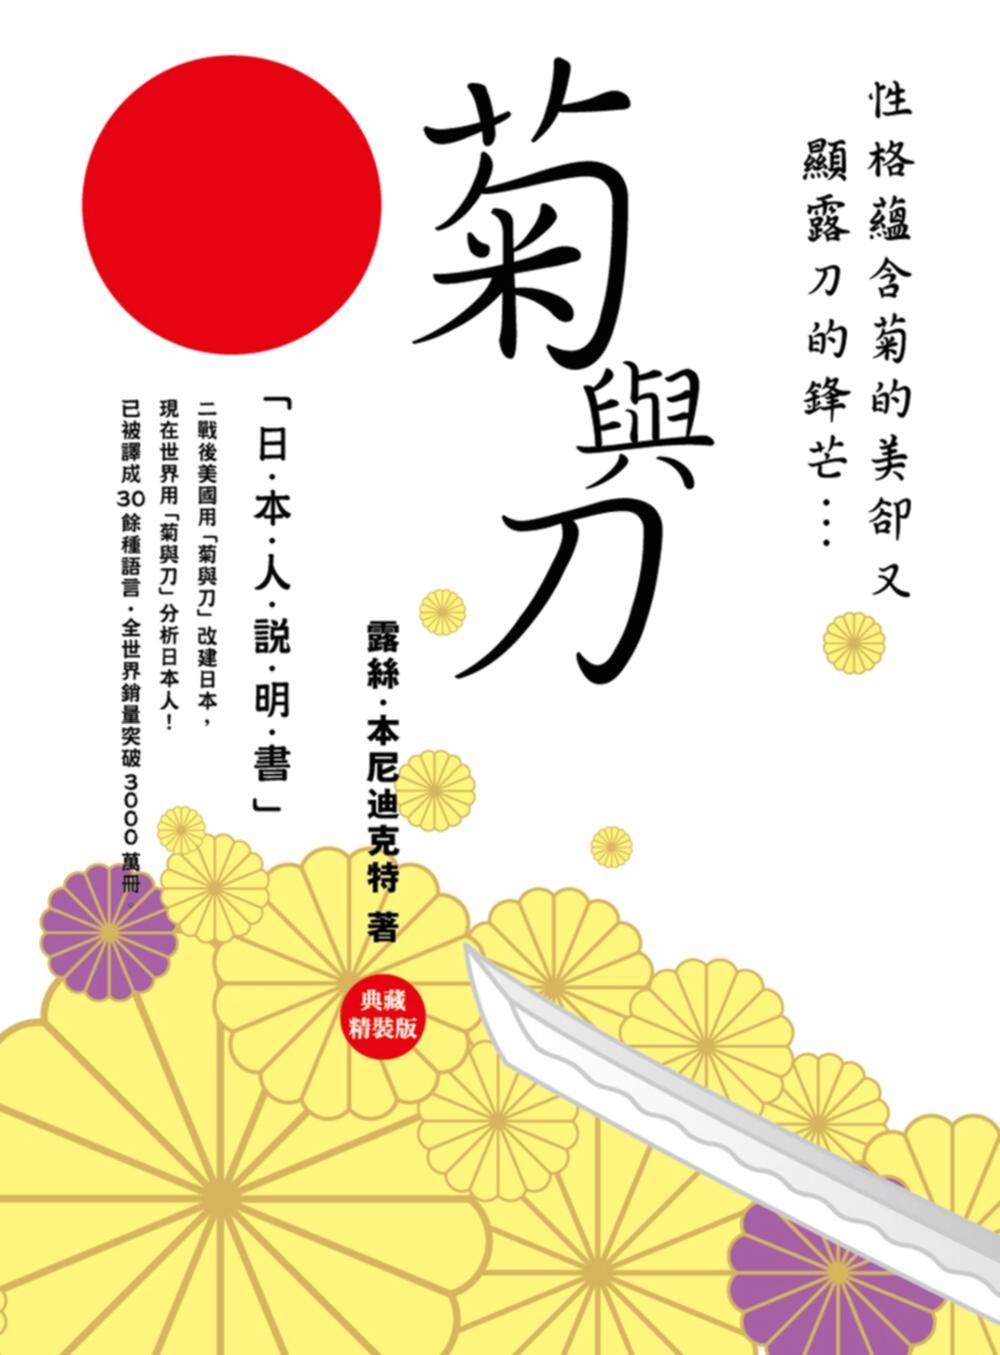 菊與刀:日本人說明書《典藏精裝版》